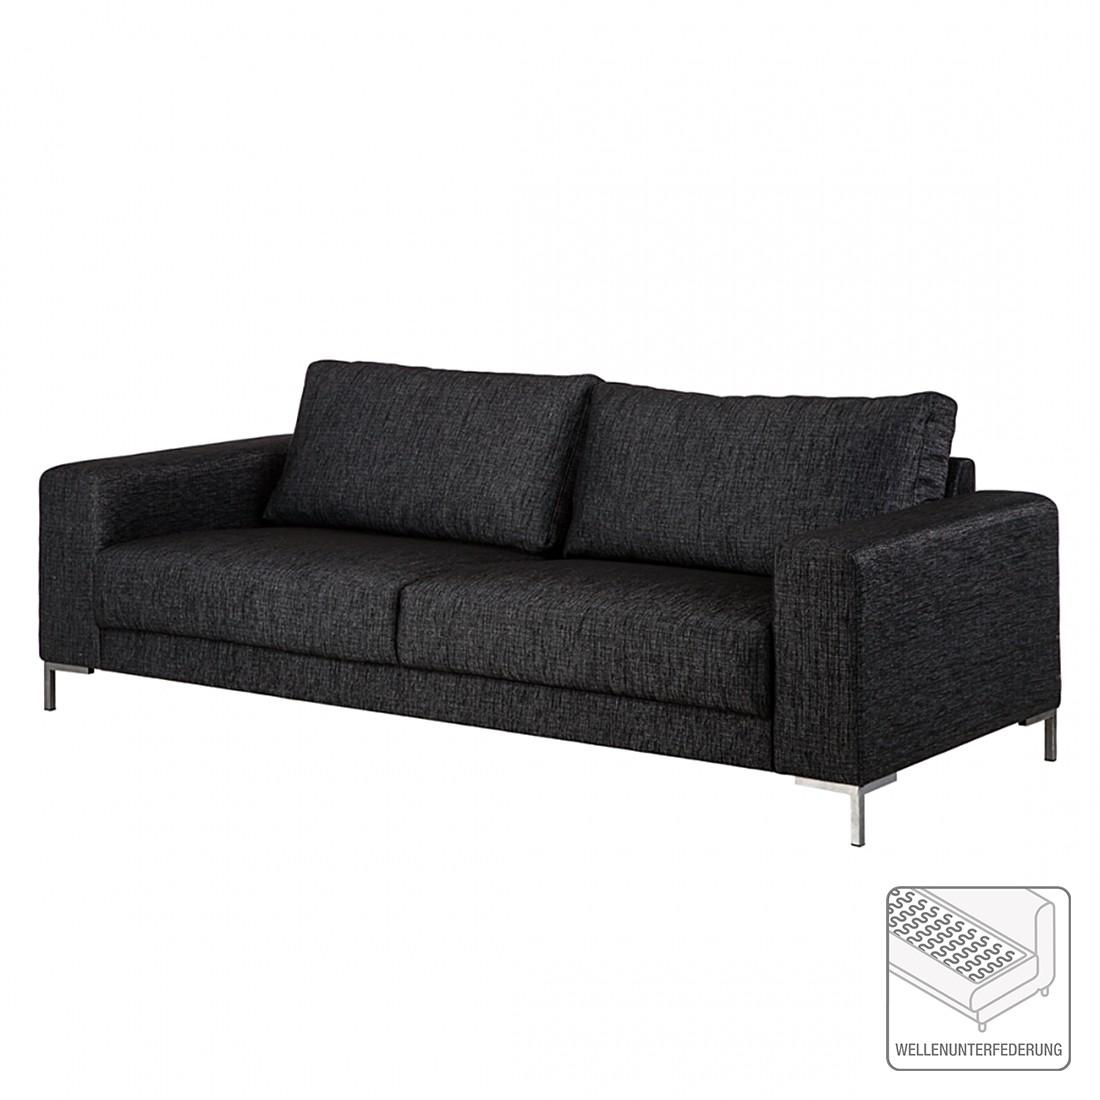 Sofa Summer (3-Sitzer) – Stoff Schwarz, Fredriks jetzt kaufen